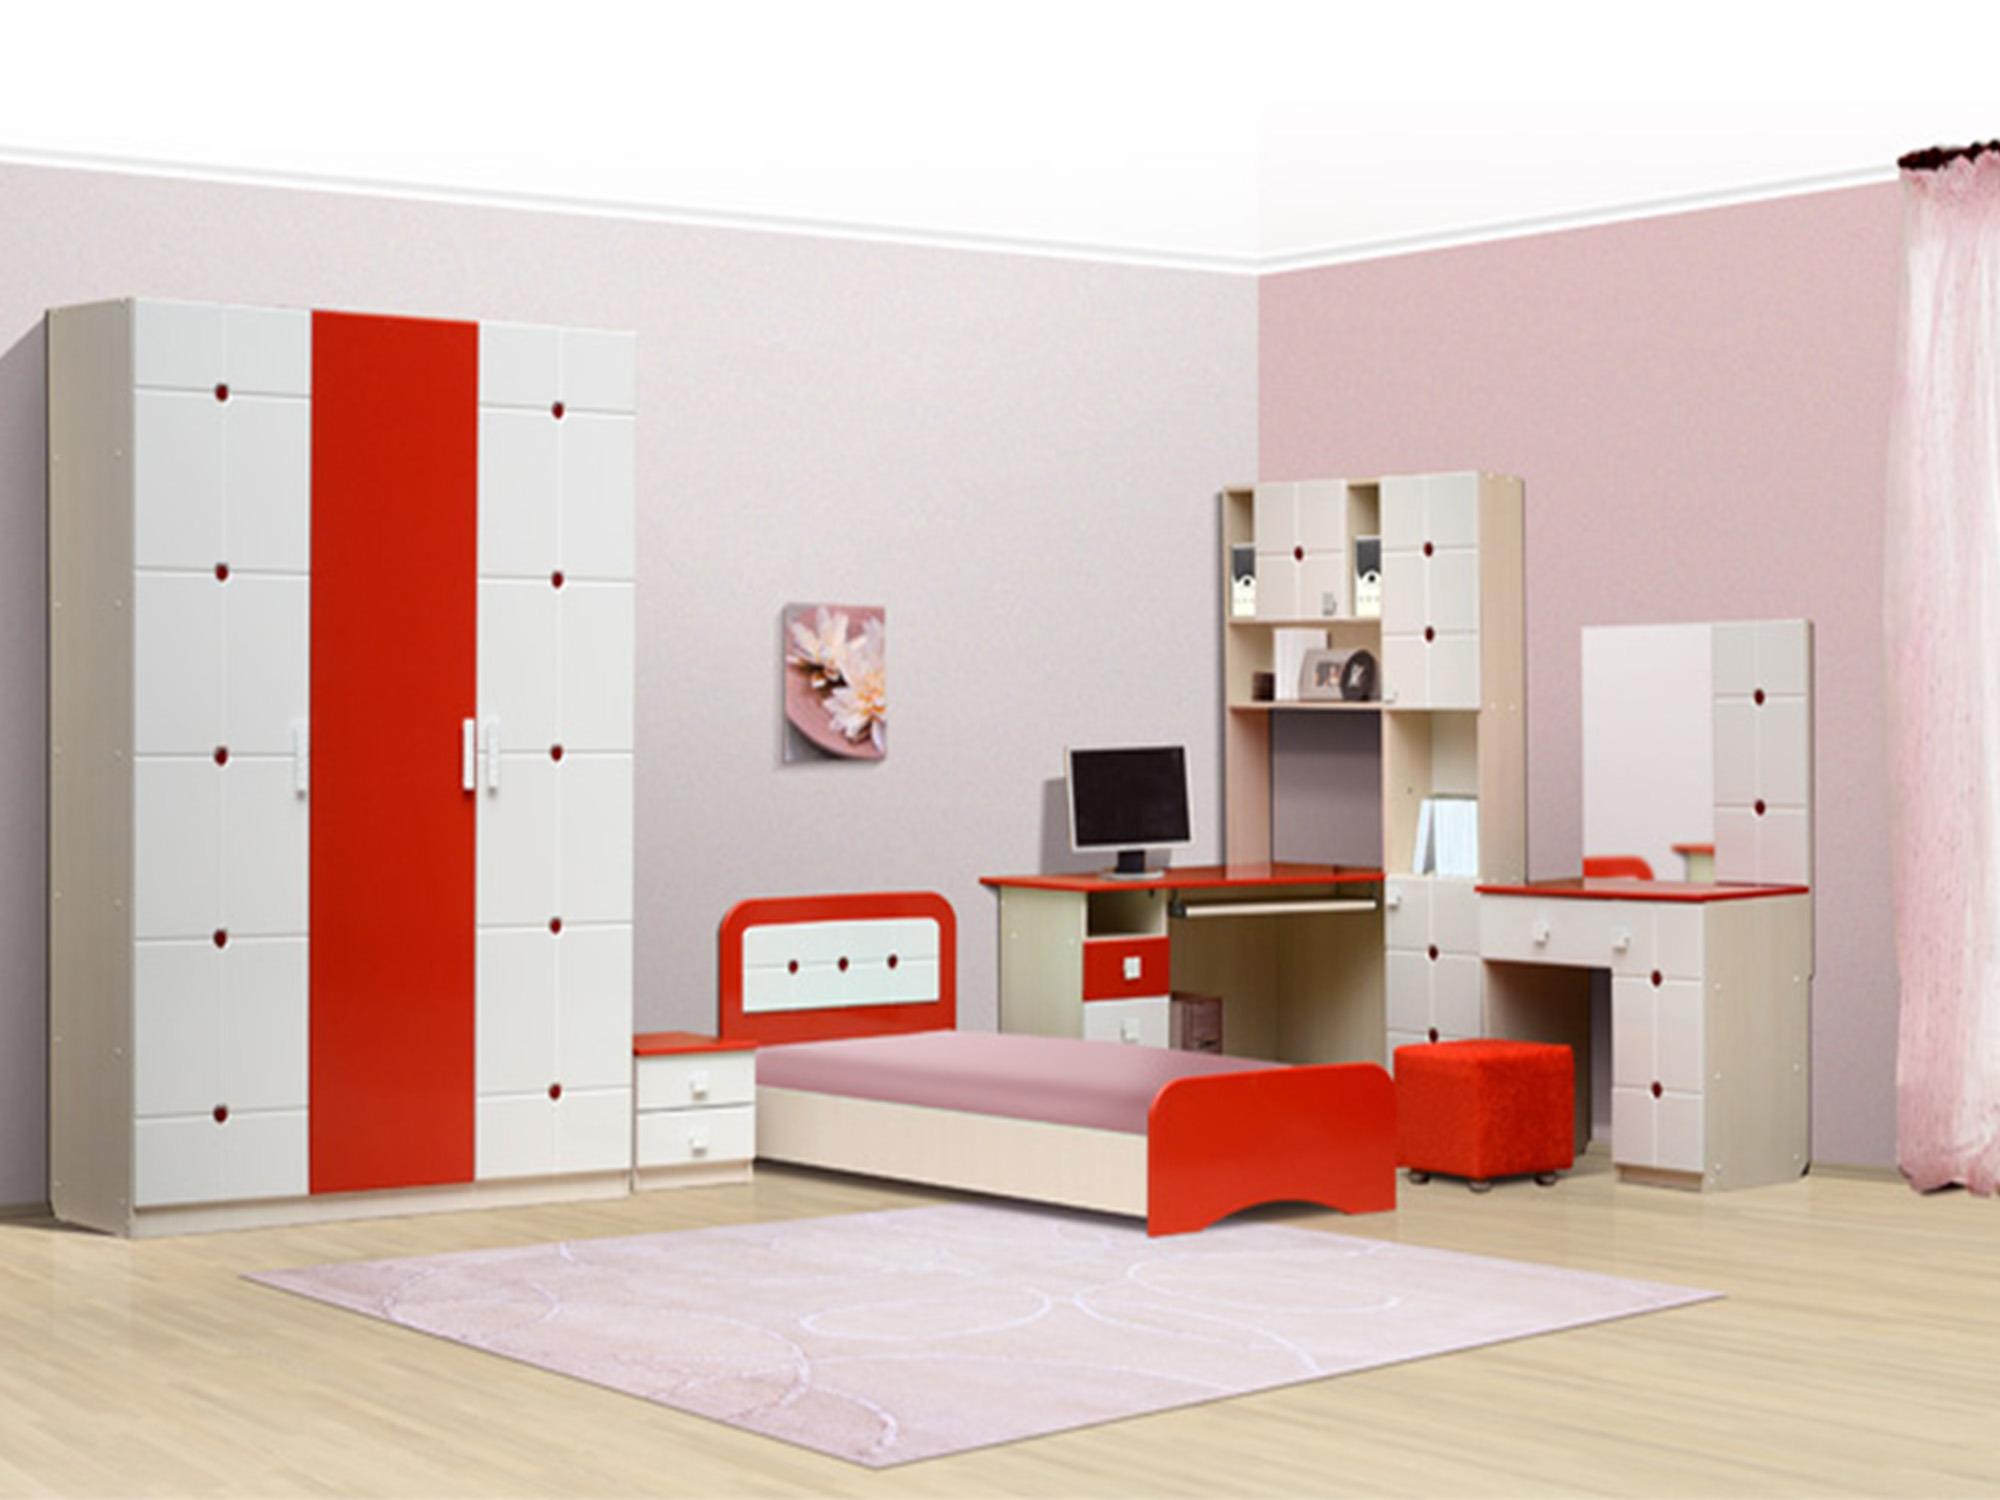 Спальный гарнитур Лицей-1Детские комнаты<br><br><br>Длина мм: 5005<br>Высота мм: 2100<br>Глубина мм: 1950